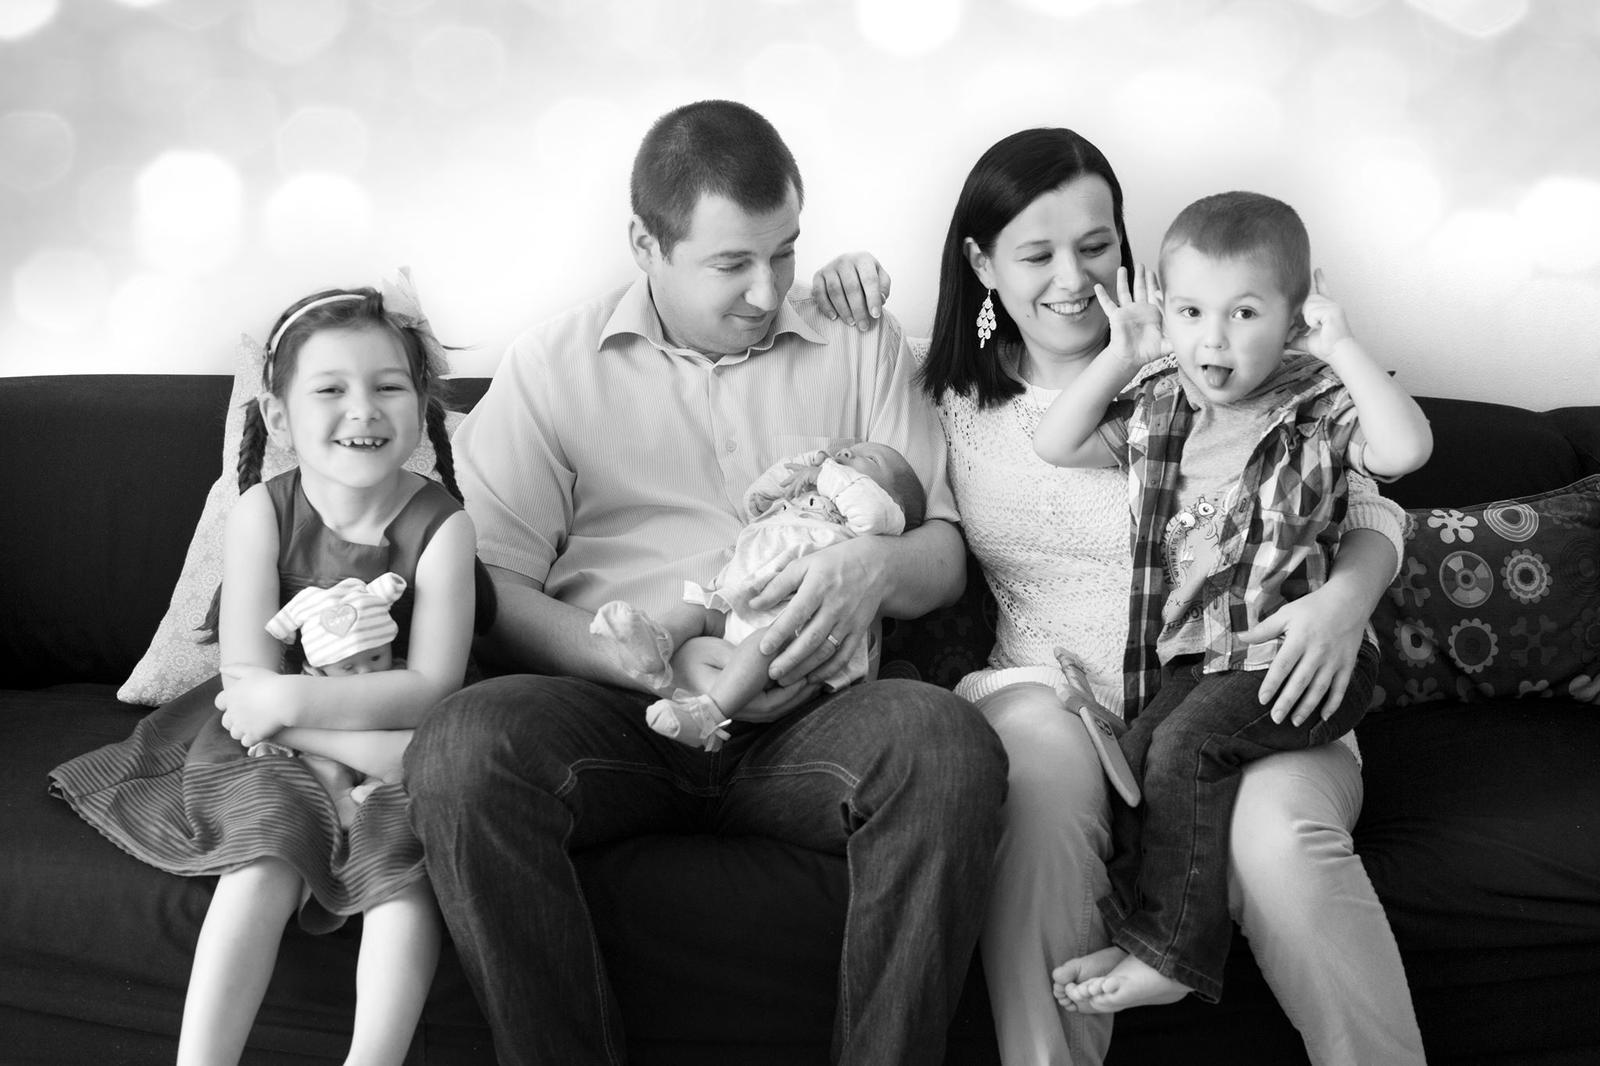 Iveta{{_AND_}}Vladimír - 7 let po svatbě, a už je nás doma 5 :-) Johanka má 6,5 roku, Vládík 4 roky a naše třetí - Rozárka - se narodila letos v únoru.